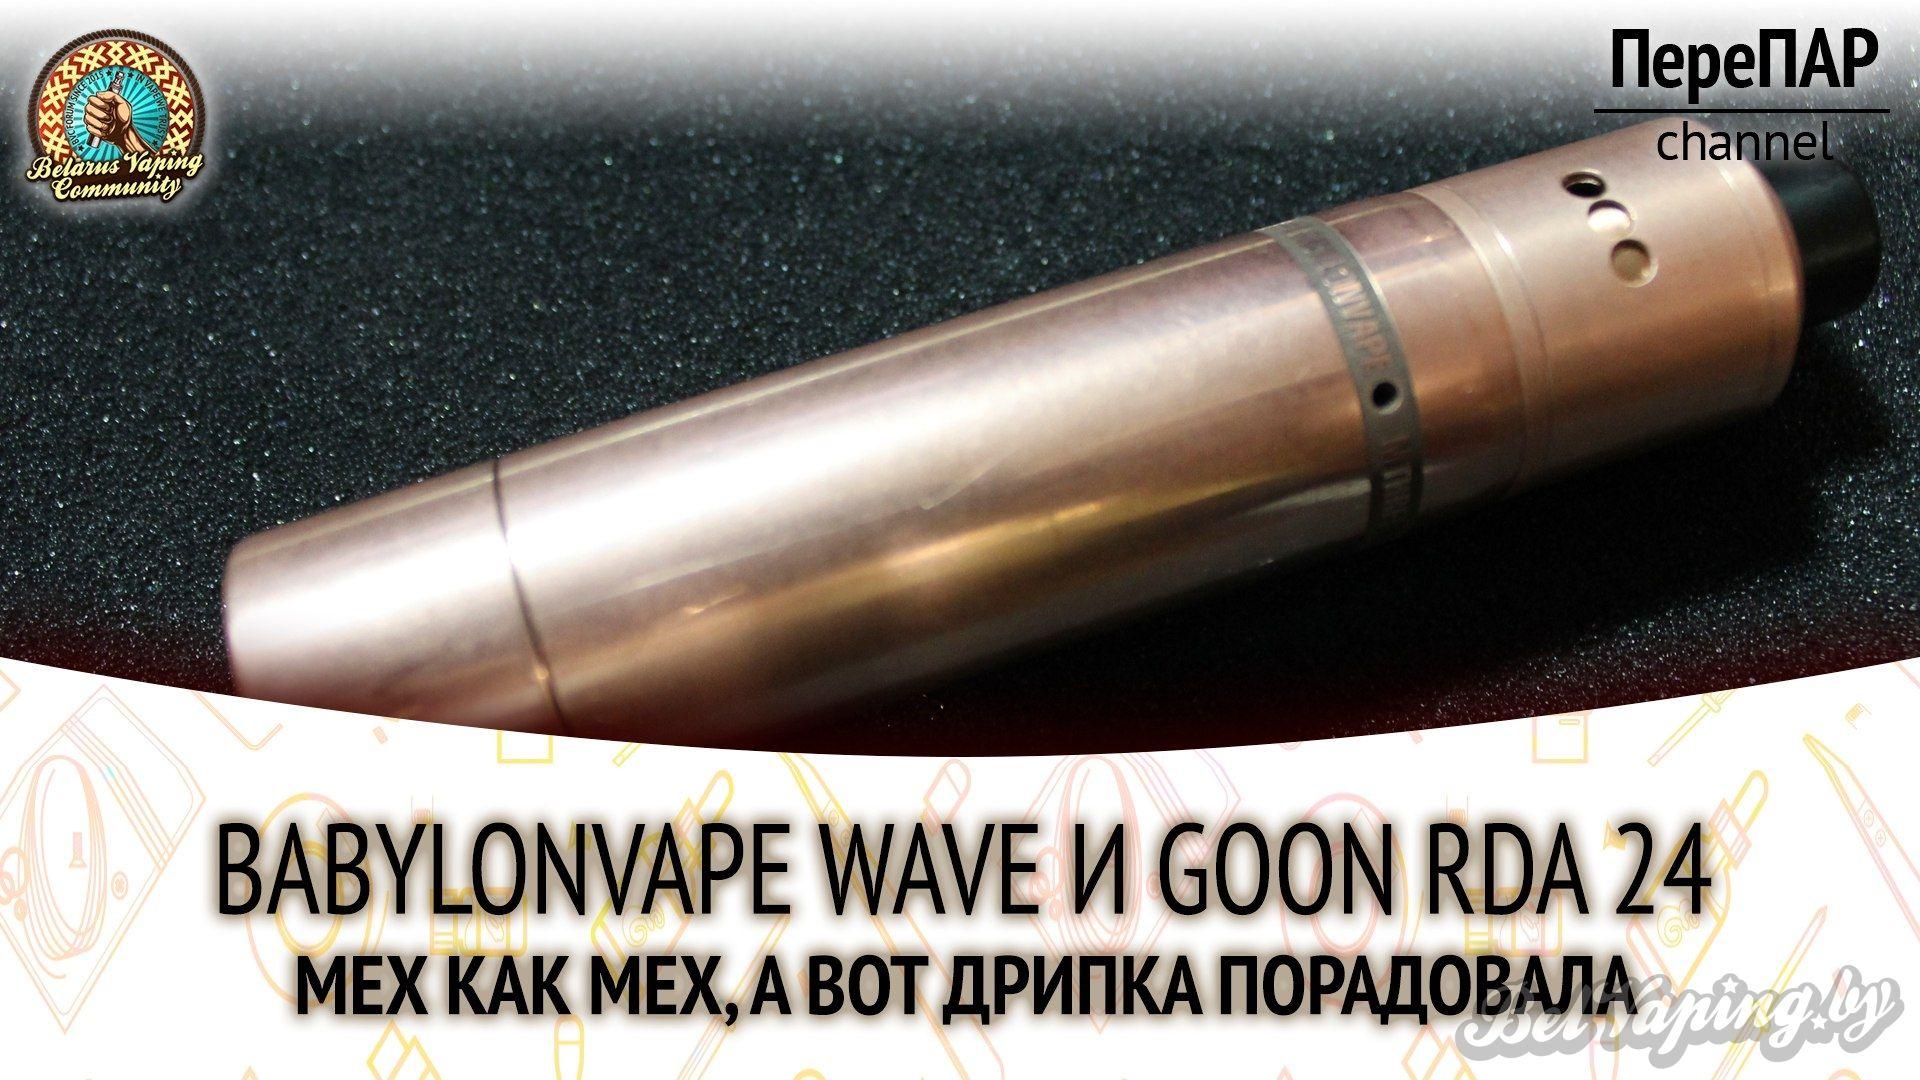 Обзор Goon RDA и Babylonvape Wave